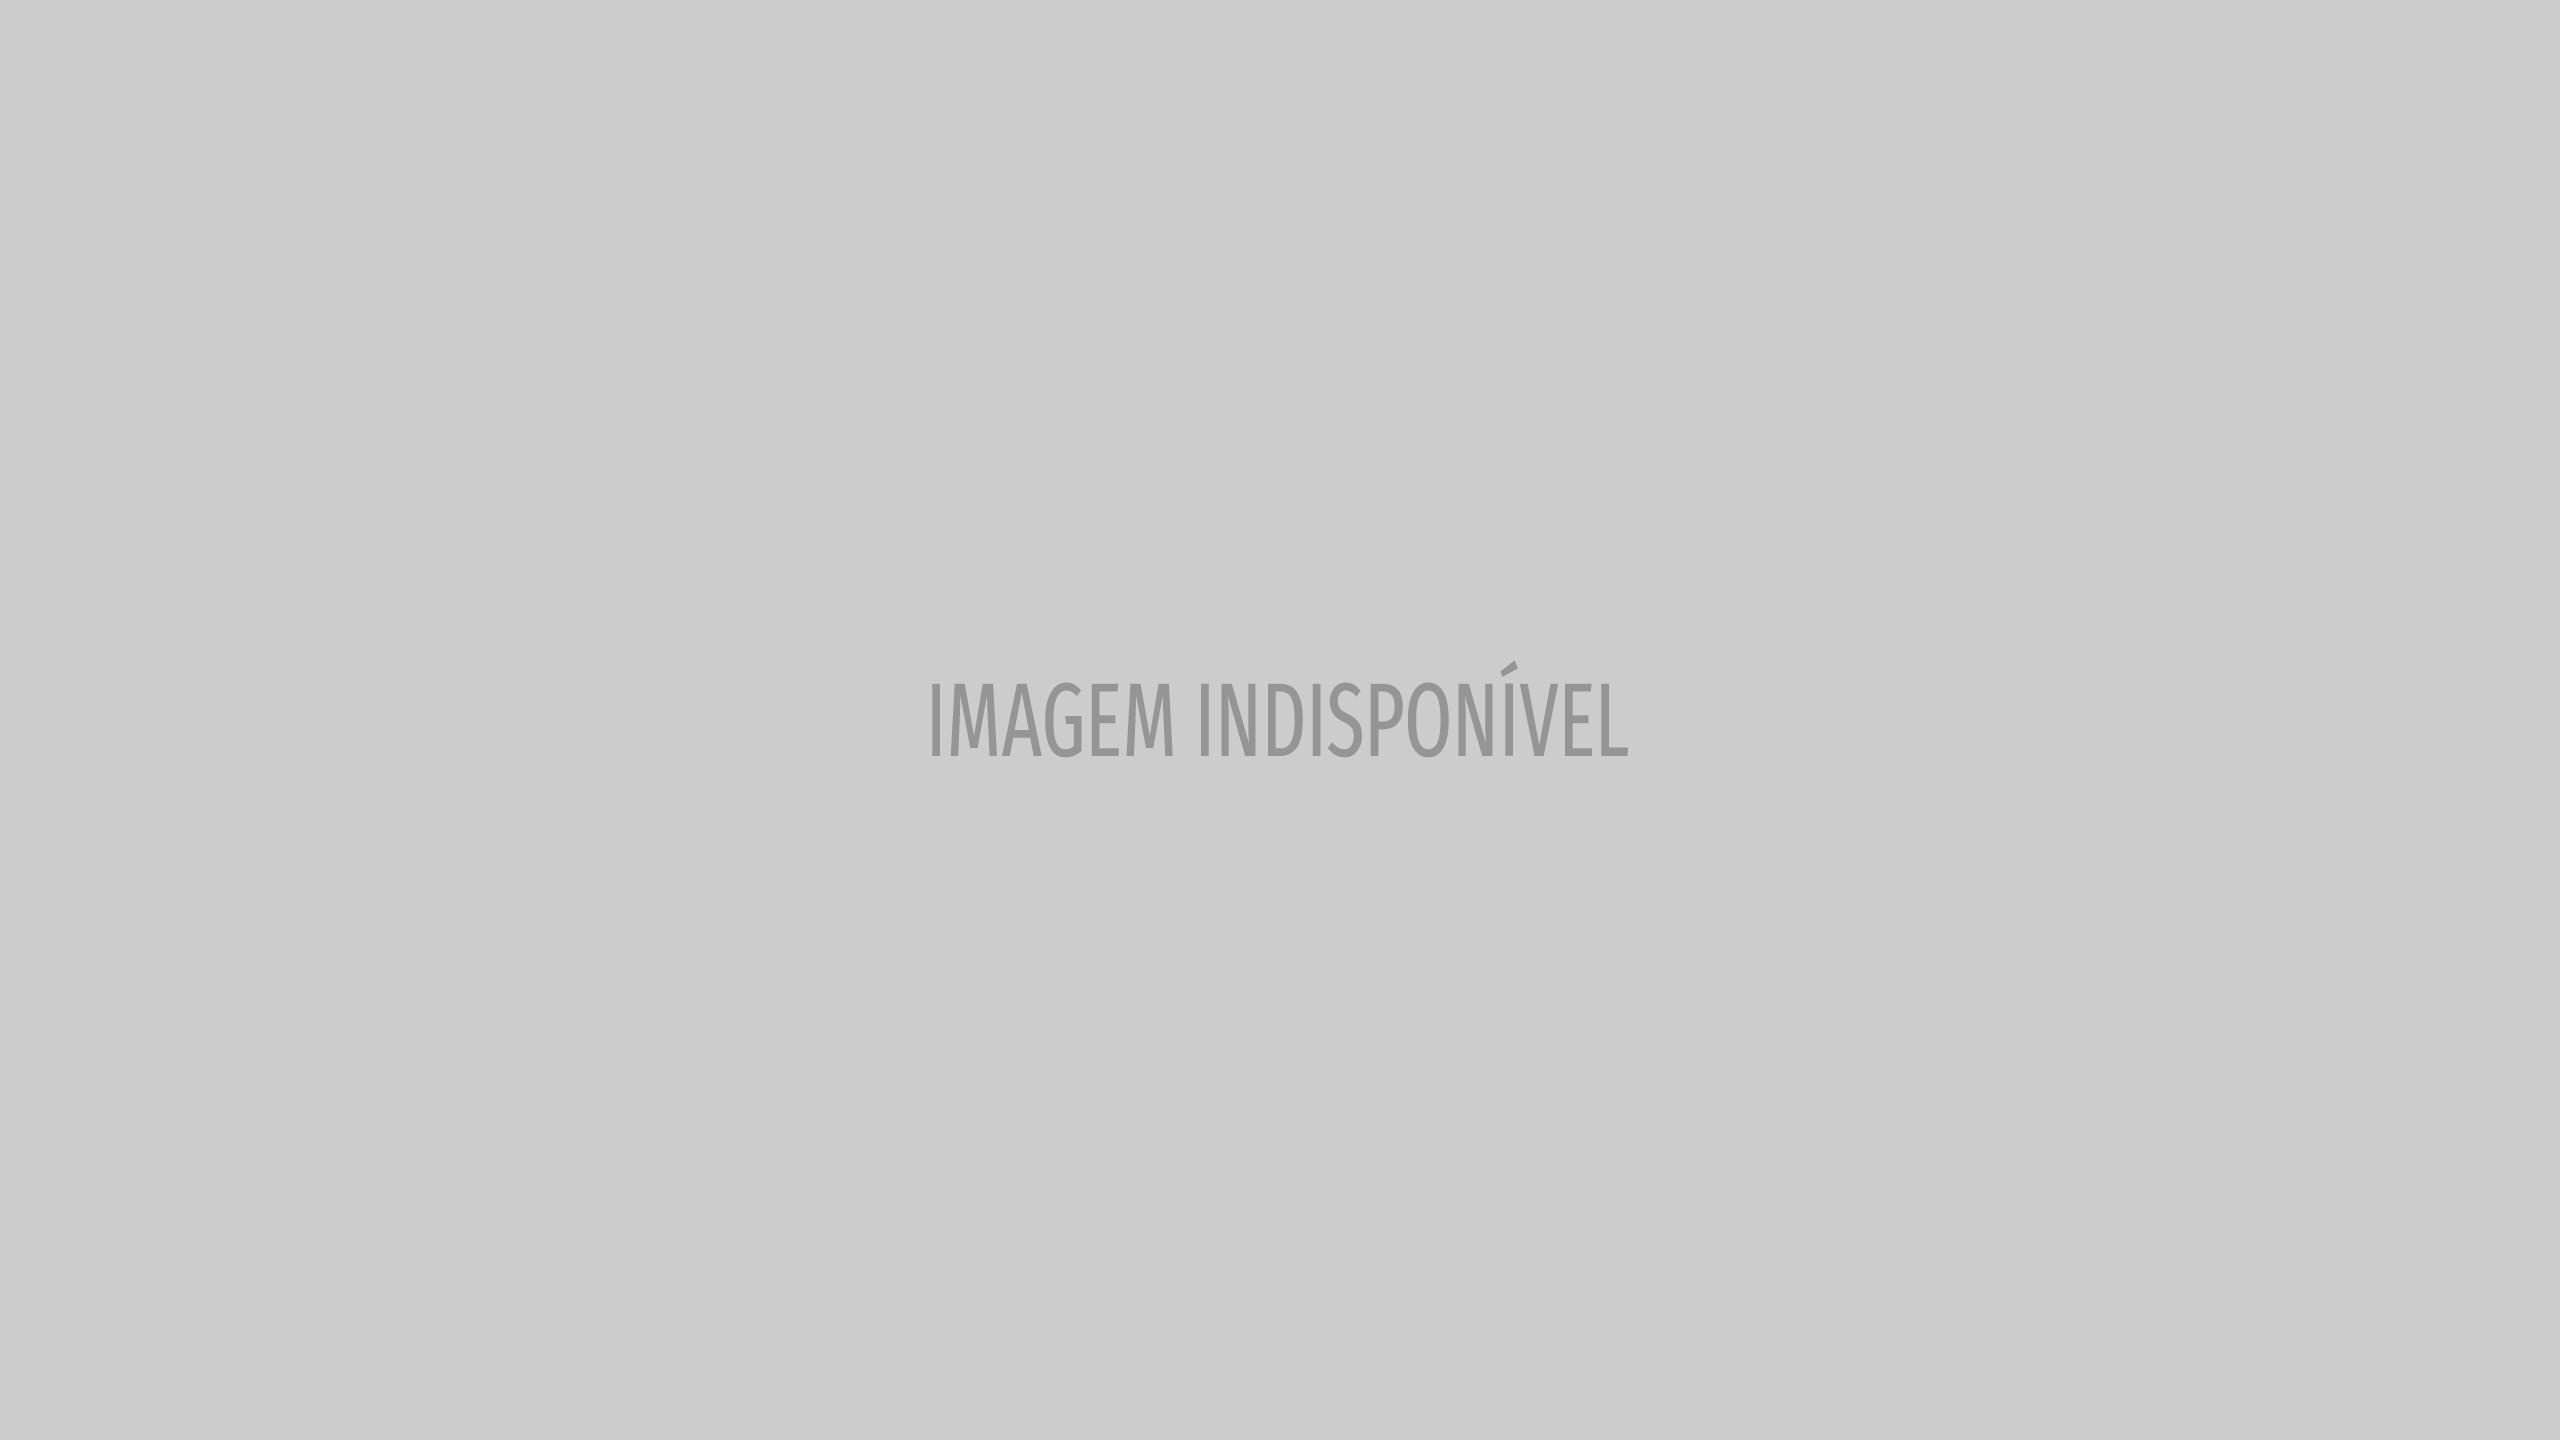 Catarina Furtado partilha imagens únicas da sua viagem à Índia em família